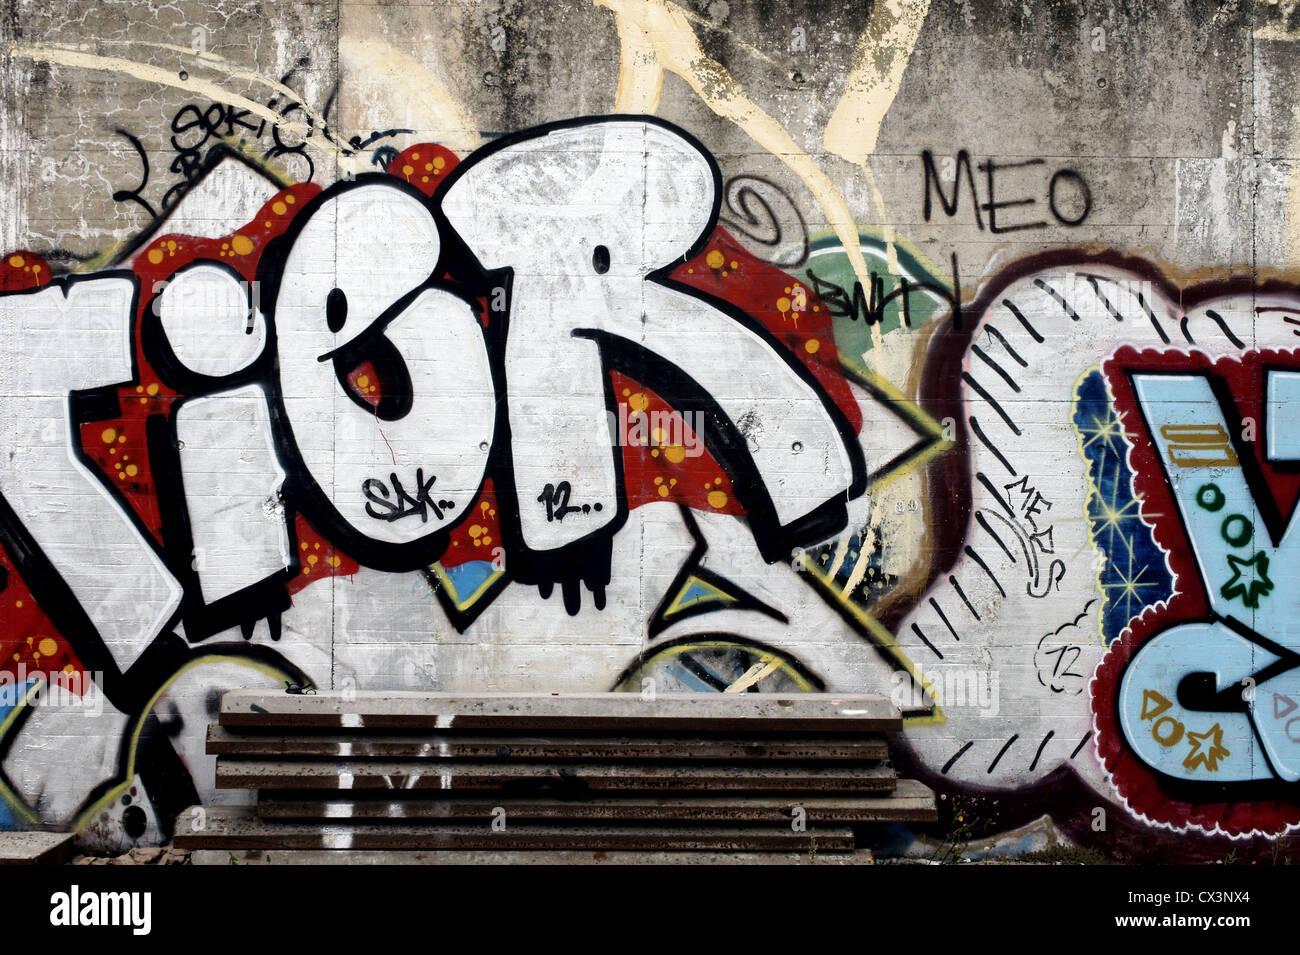 Graffiti on a wall - Stock Image